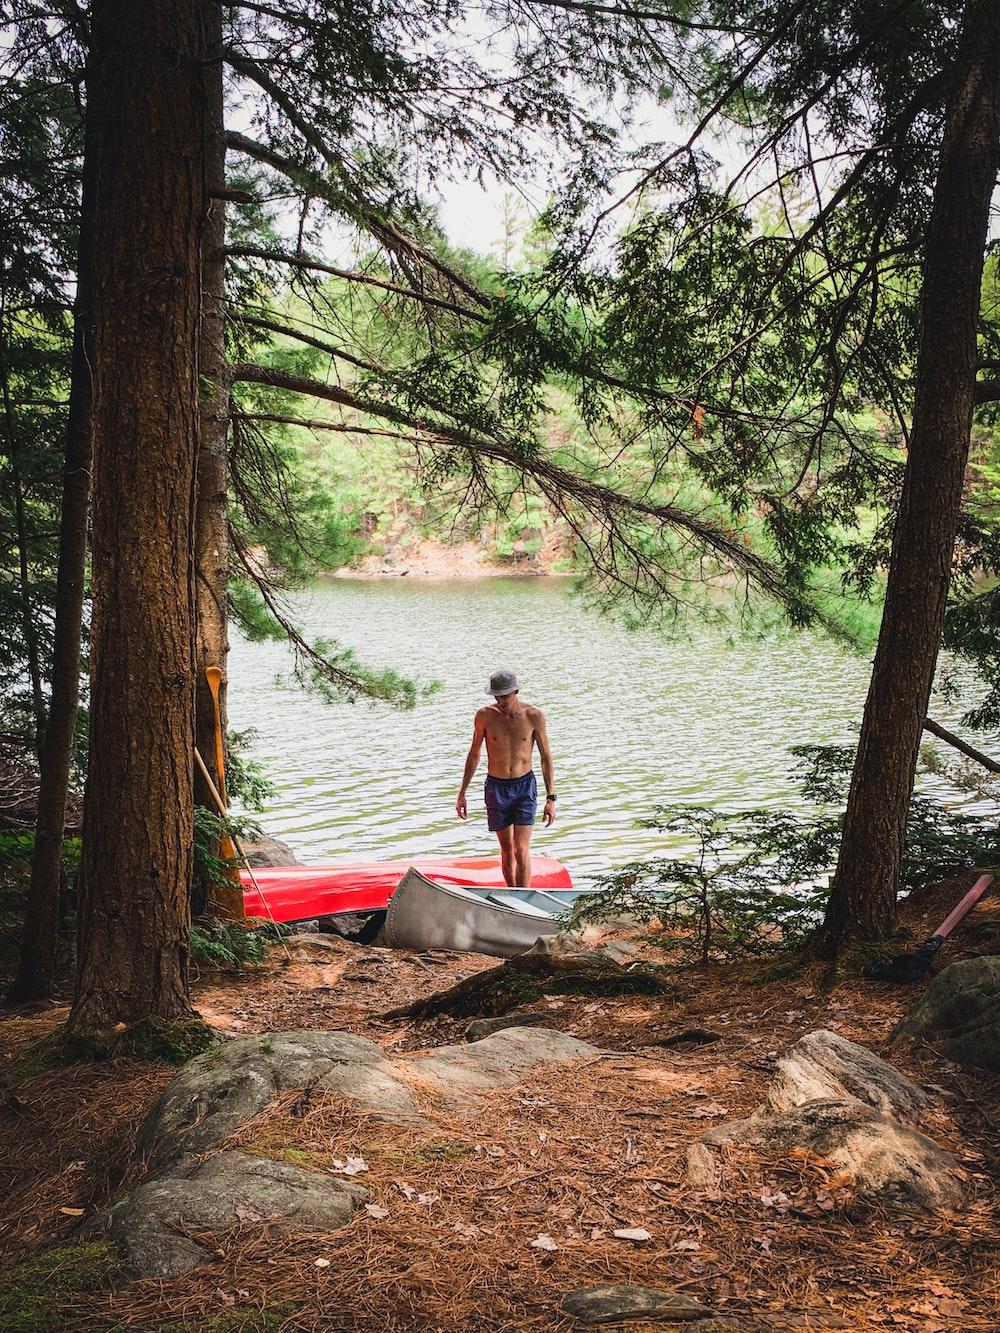 woman in black tank top sitting on red kayak on lake during daytime